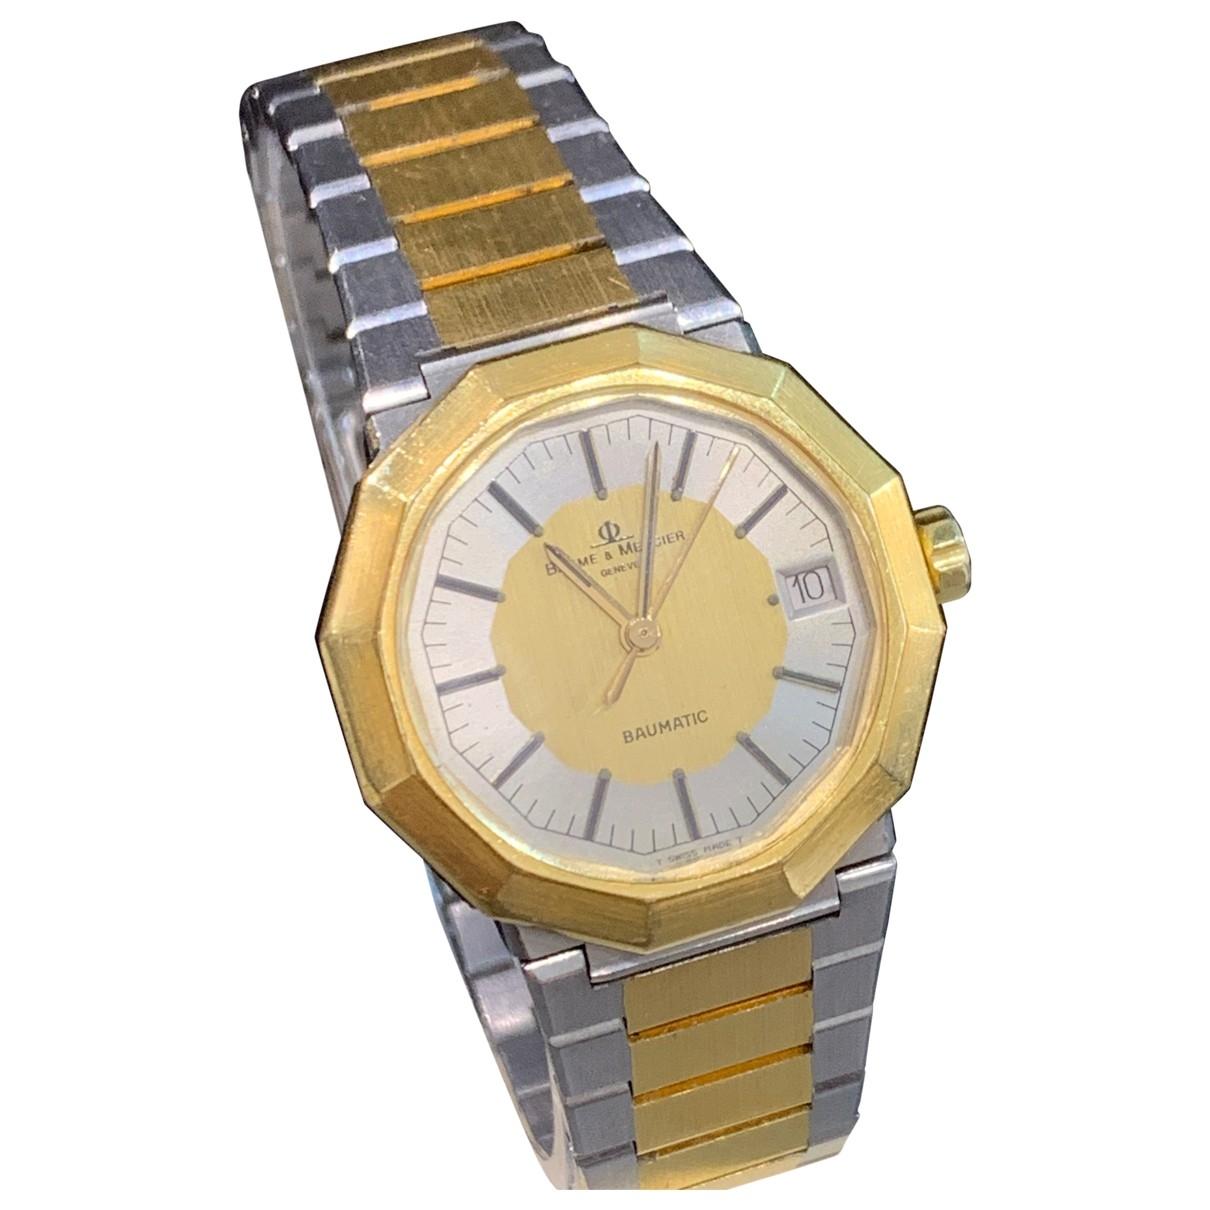 Baume Et Mercier \N Uhr in Gold und Stahl